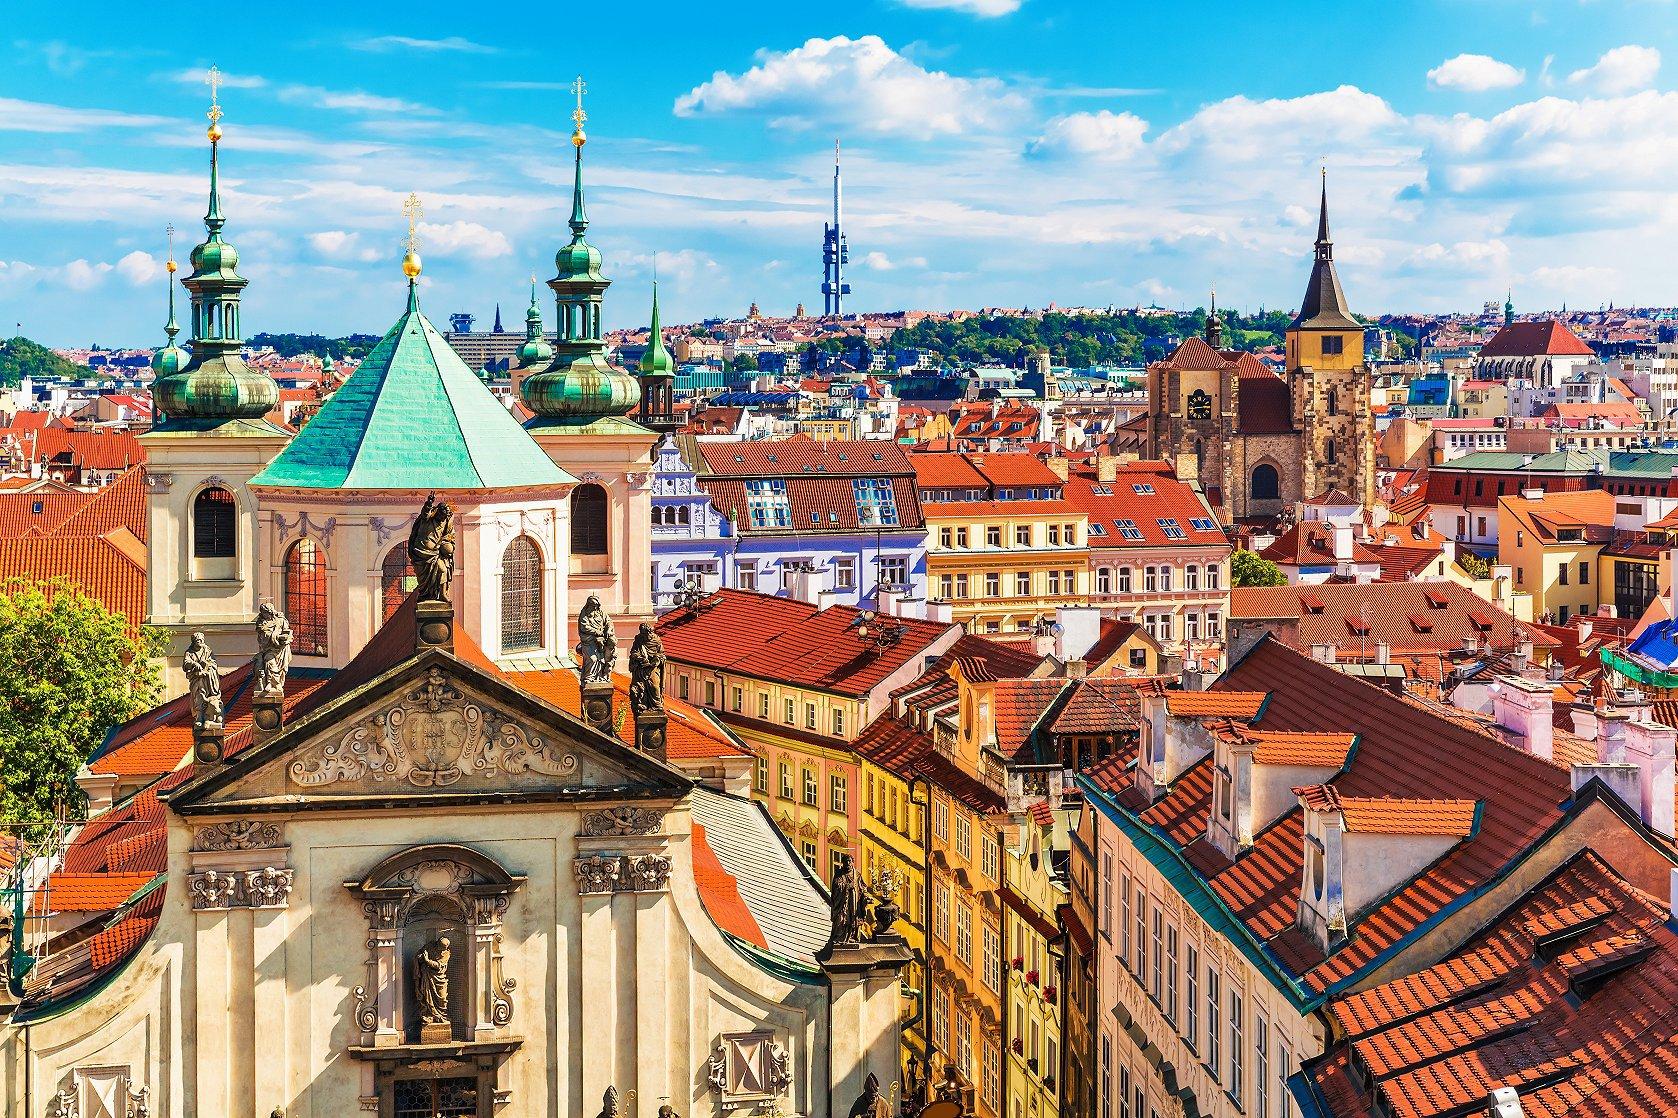 Prague Castle 2.5-hour tour with admission ticket